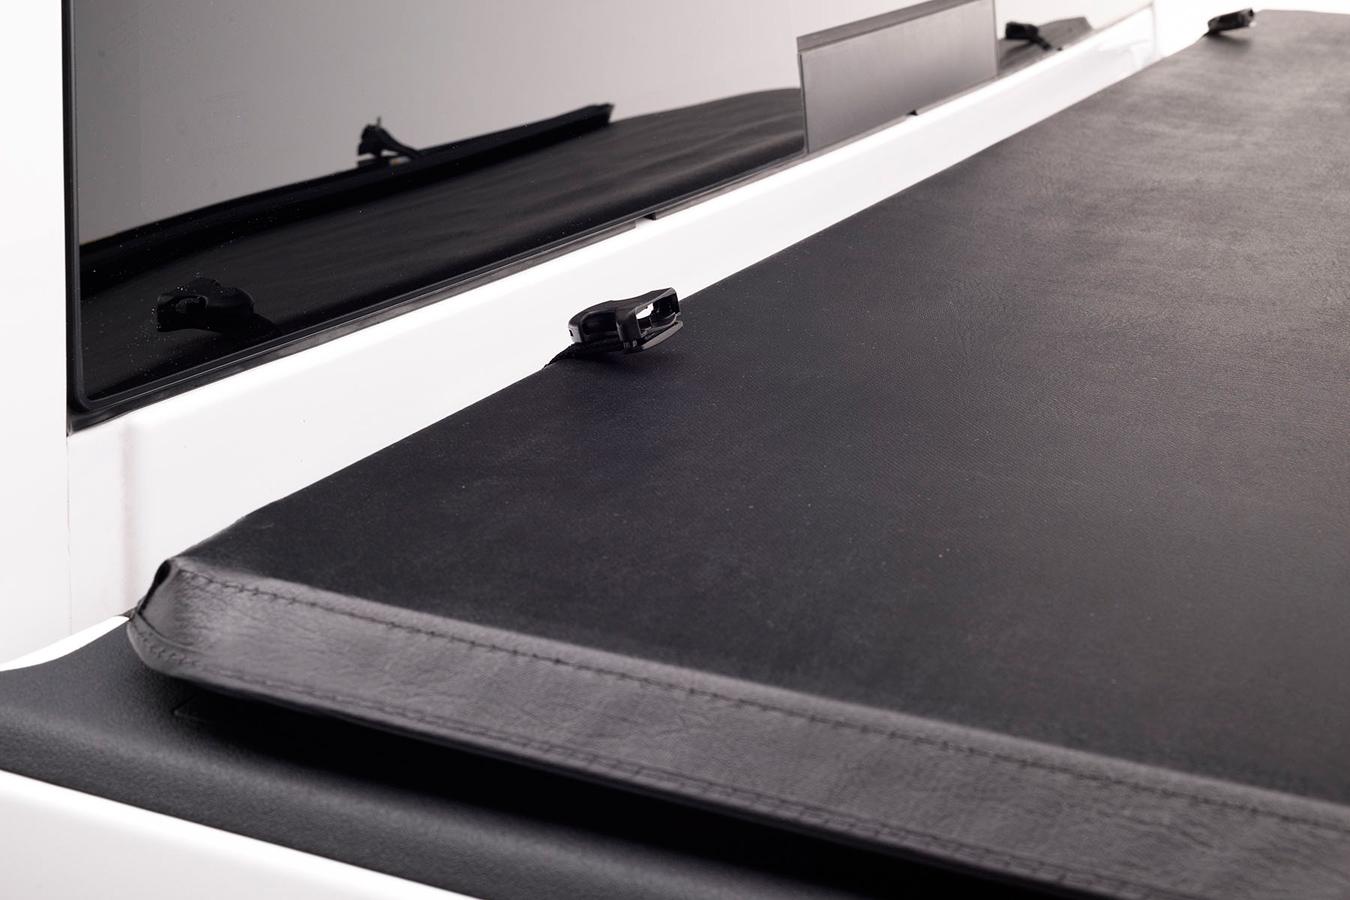 American Tonneau Hard Tri Fold Tonneau Cover For Ram 1500